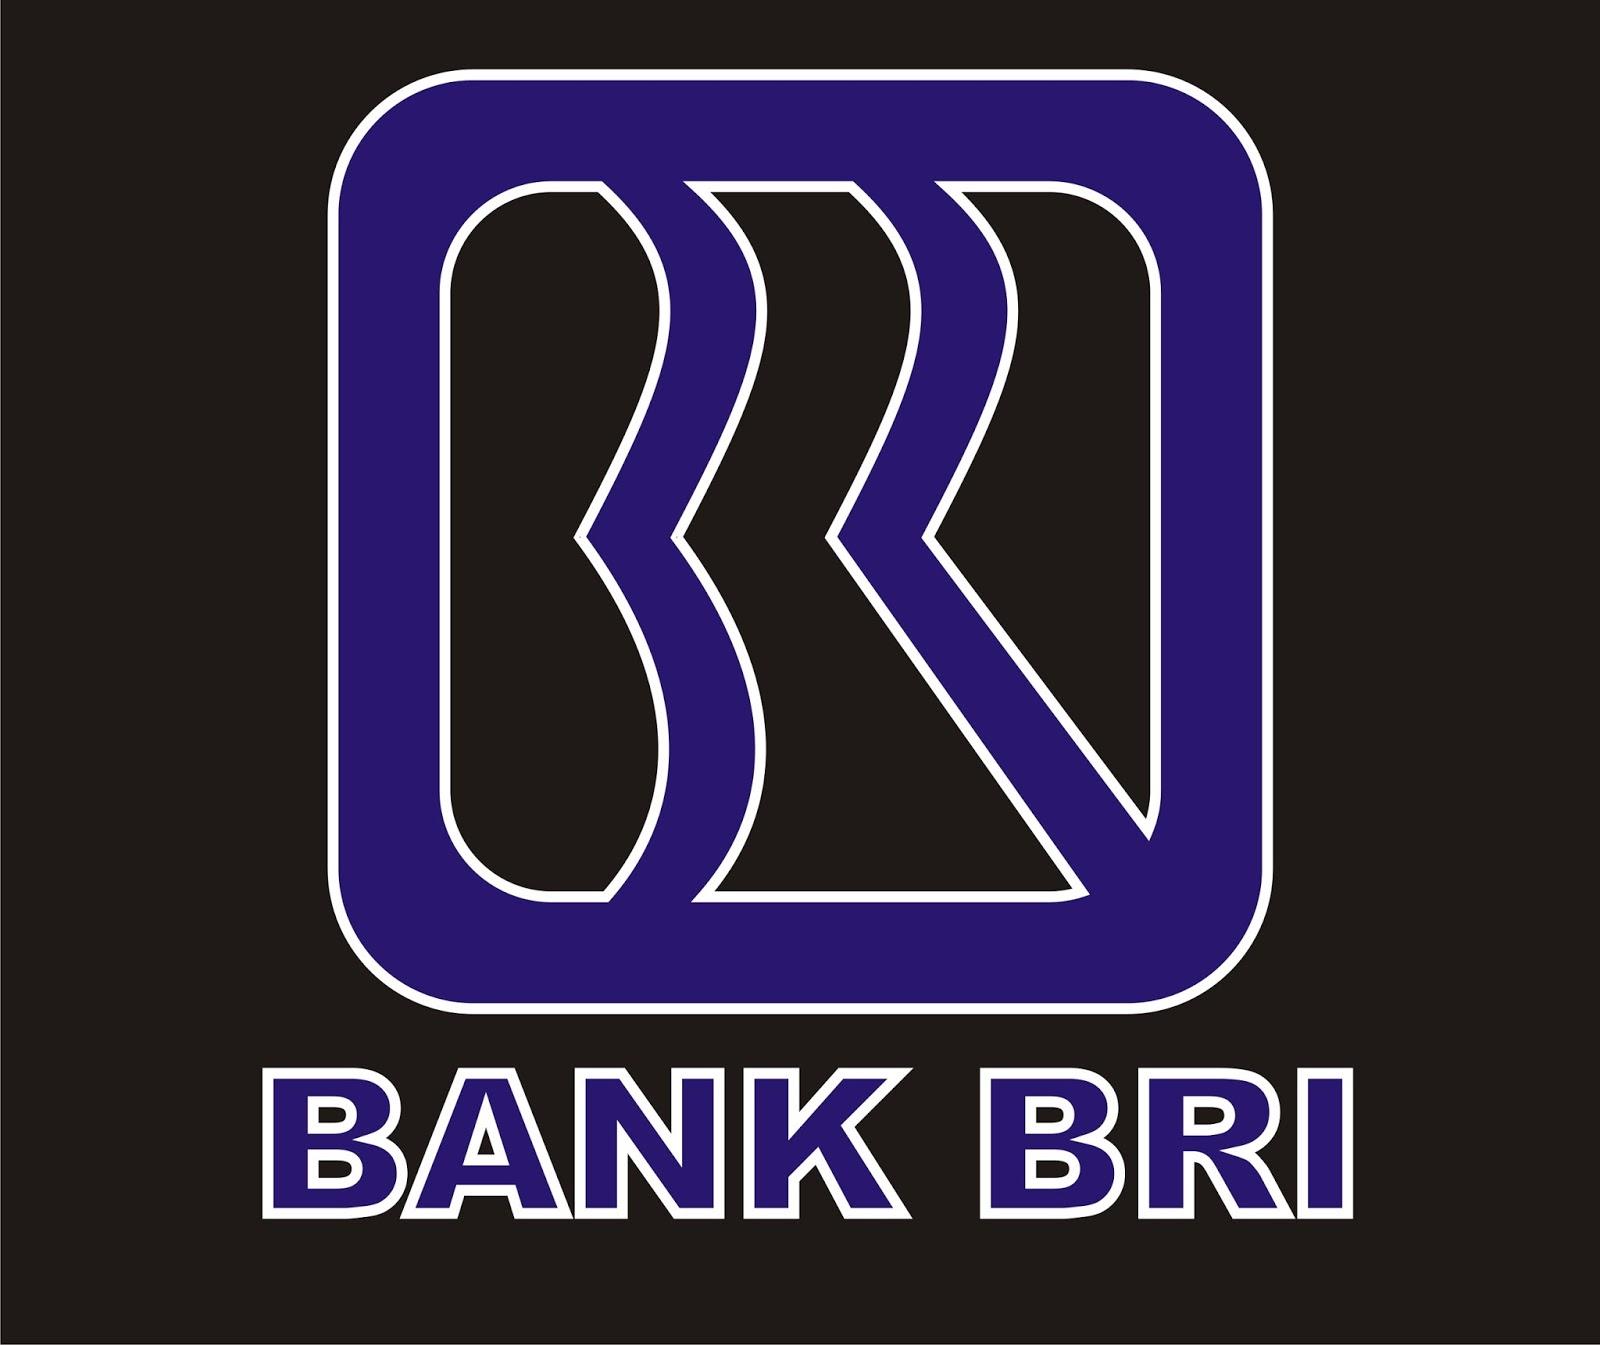 Membuat Logo Bank Bri Menggunakan Corel Draw X4 Agus Gambar